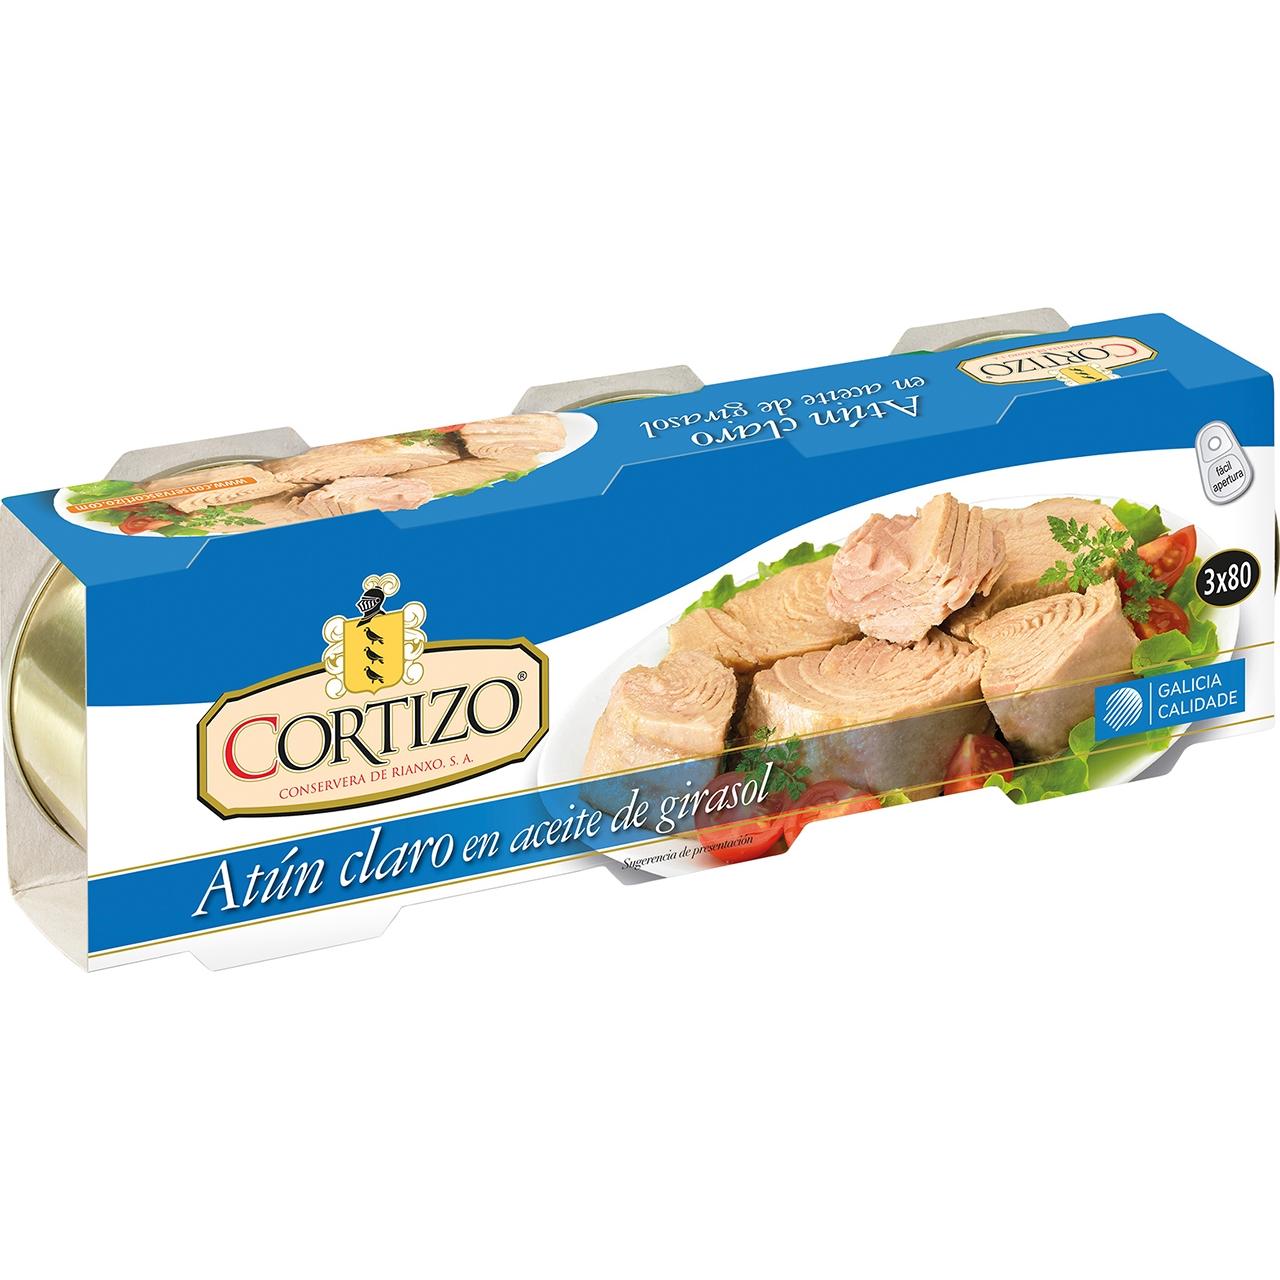 Atún claro en aceite vegetal RO-85 pack de 3 Cortizo